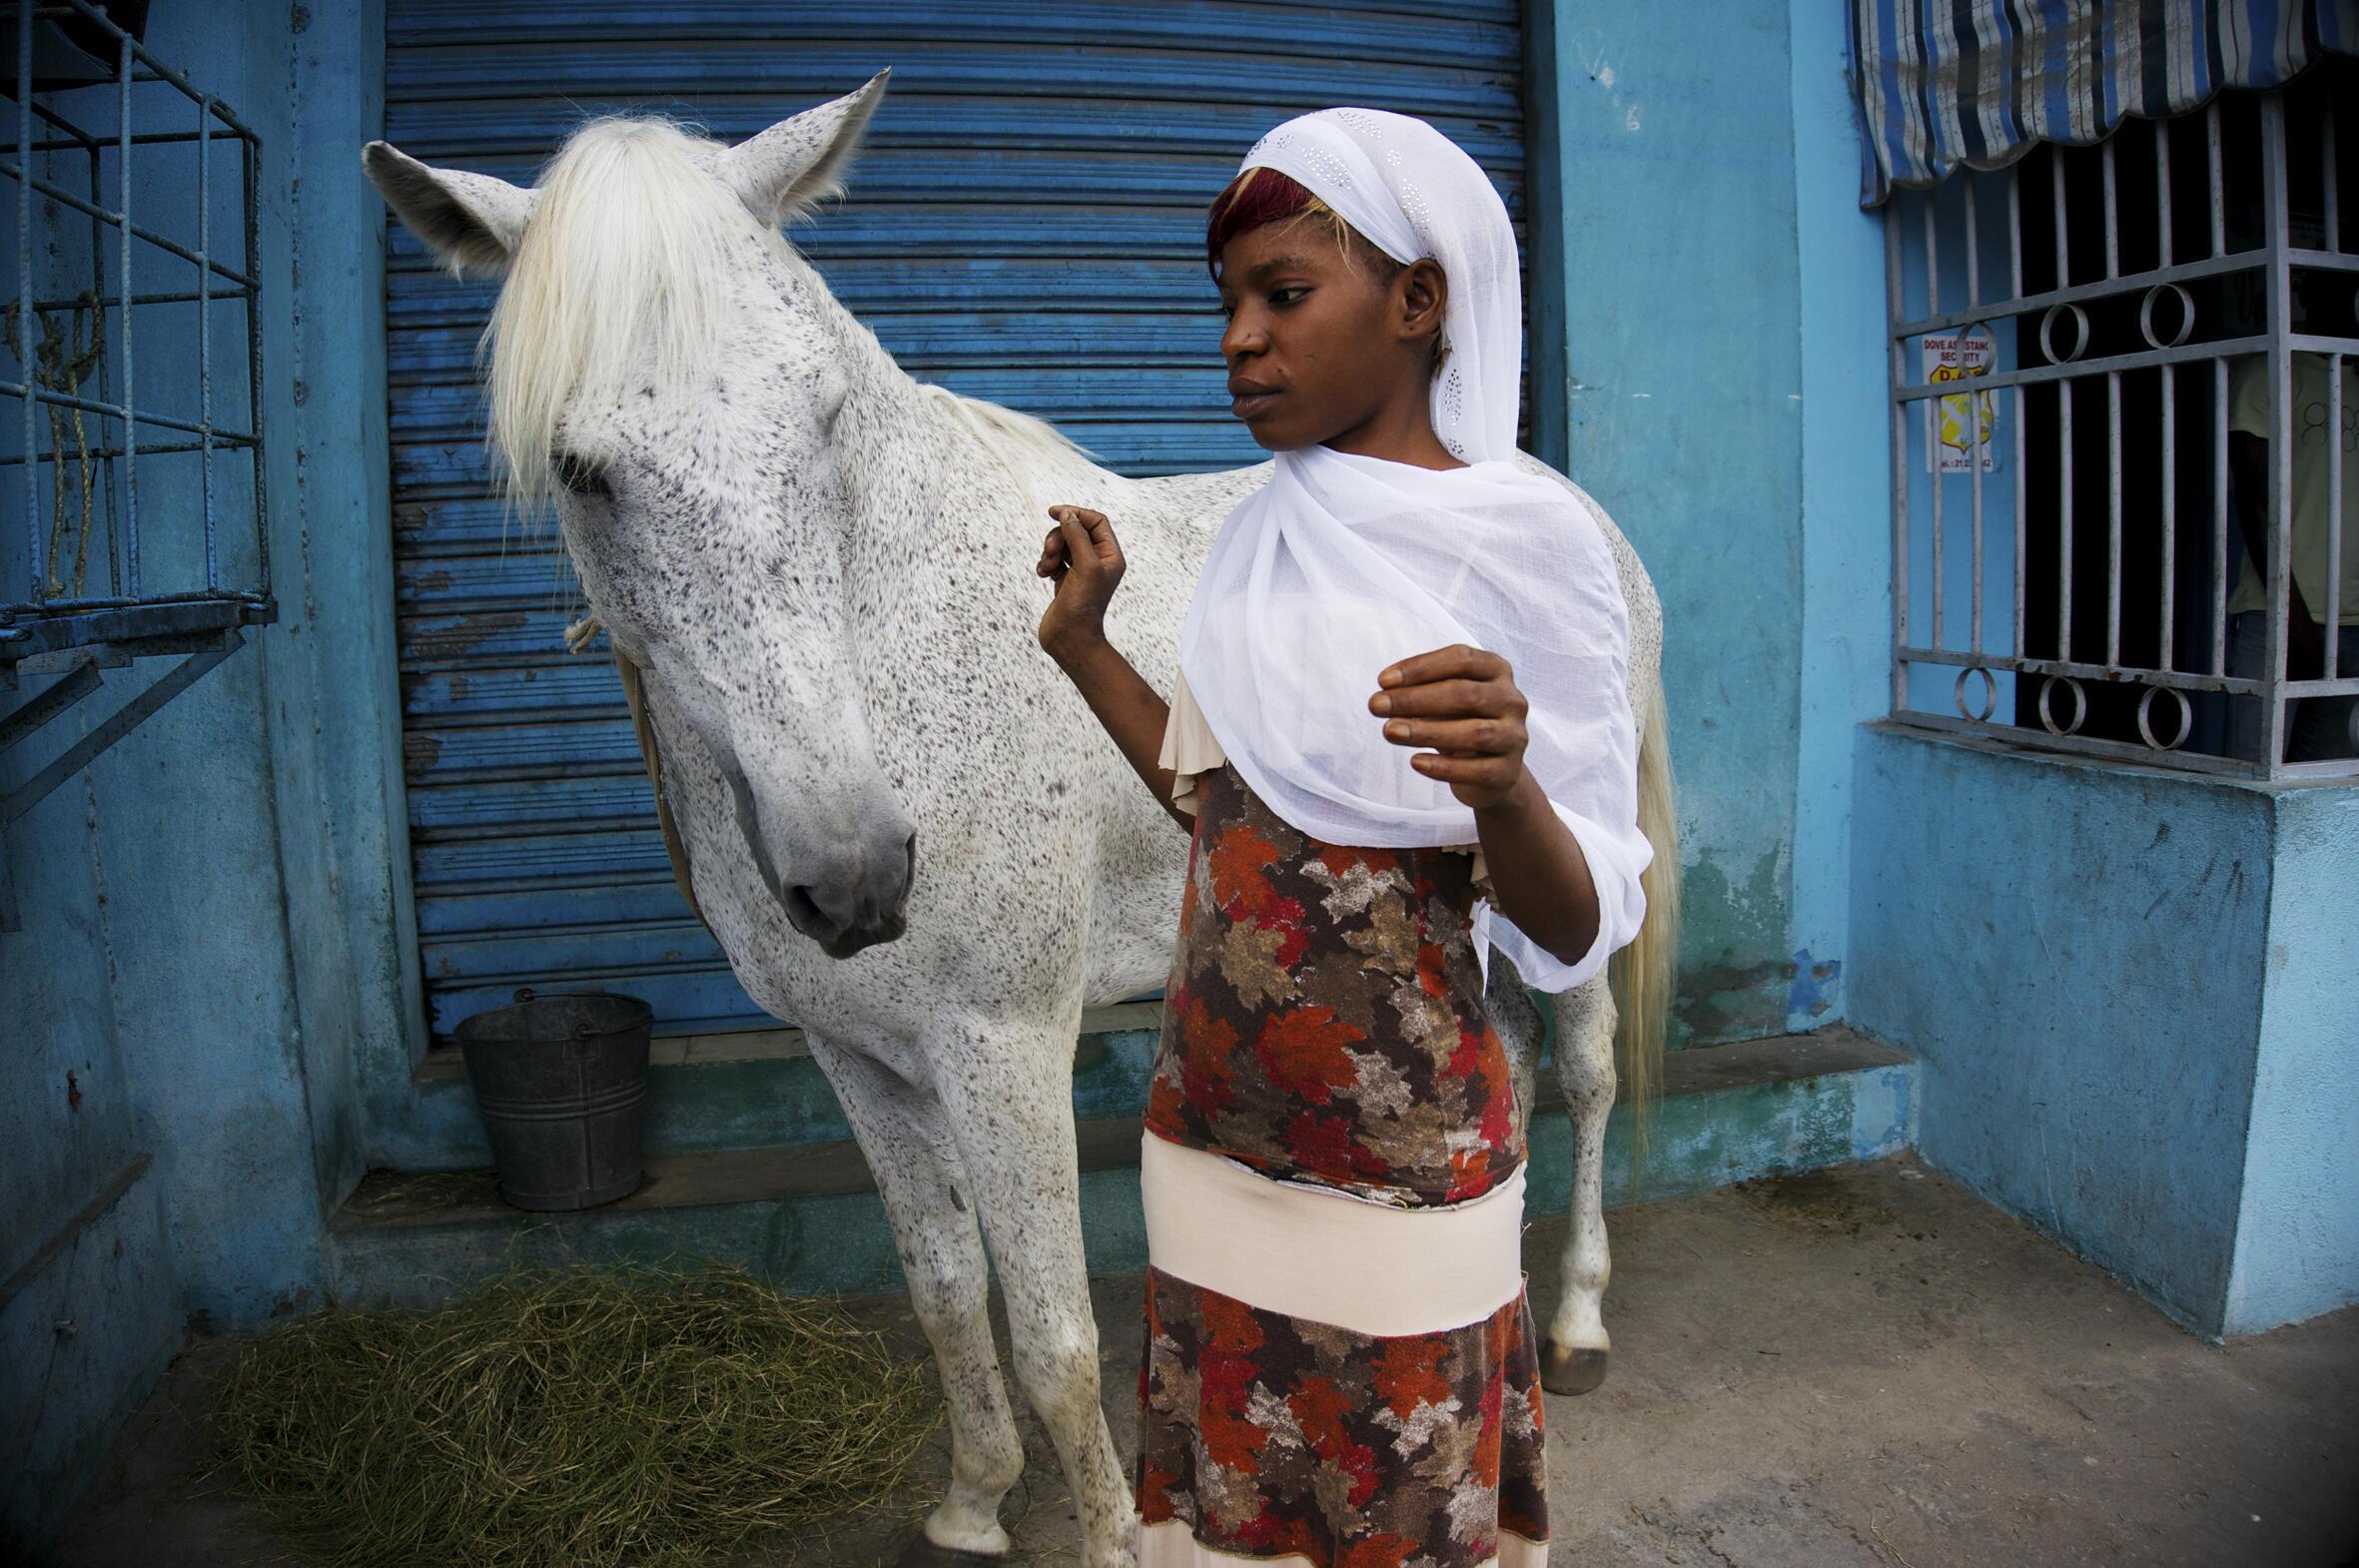 Photo issue de la série Go de nuit : Abidjan, les belles retrouvées. Une exposition photographique d'Éliane de Latour, jusqu'au 7 décembre à la Maison des métallos, Paris.